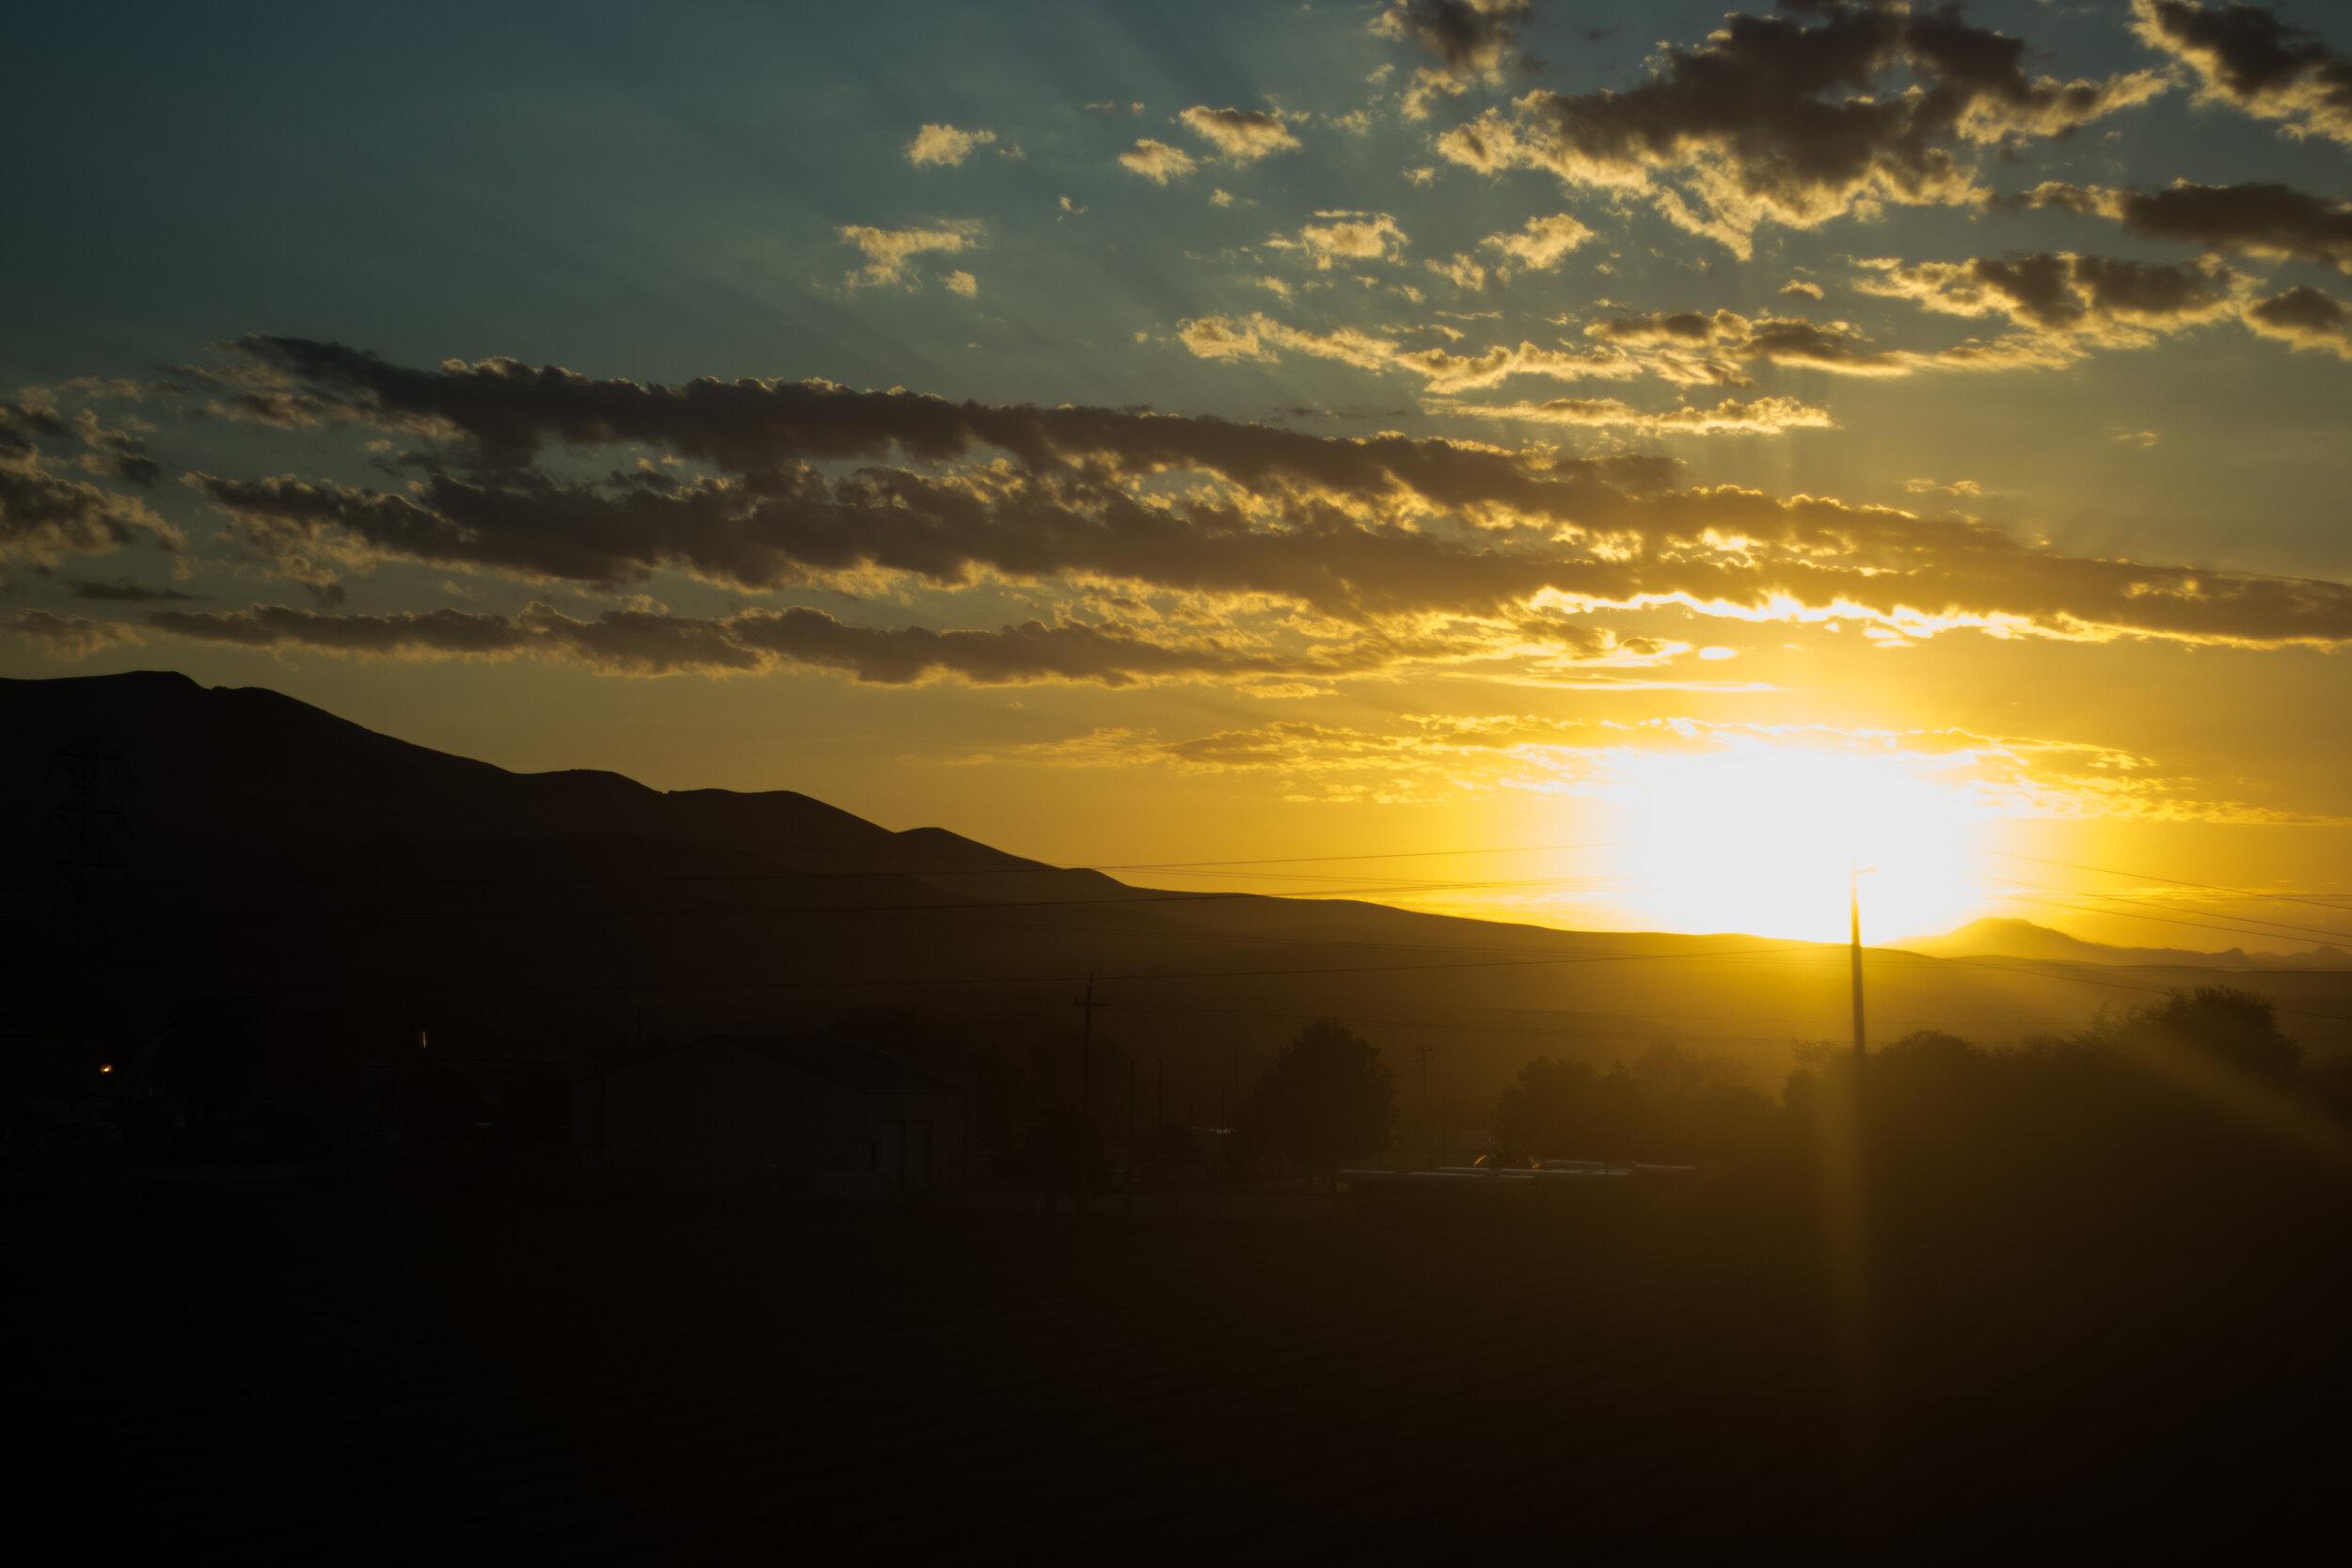 monterey-bay-california